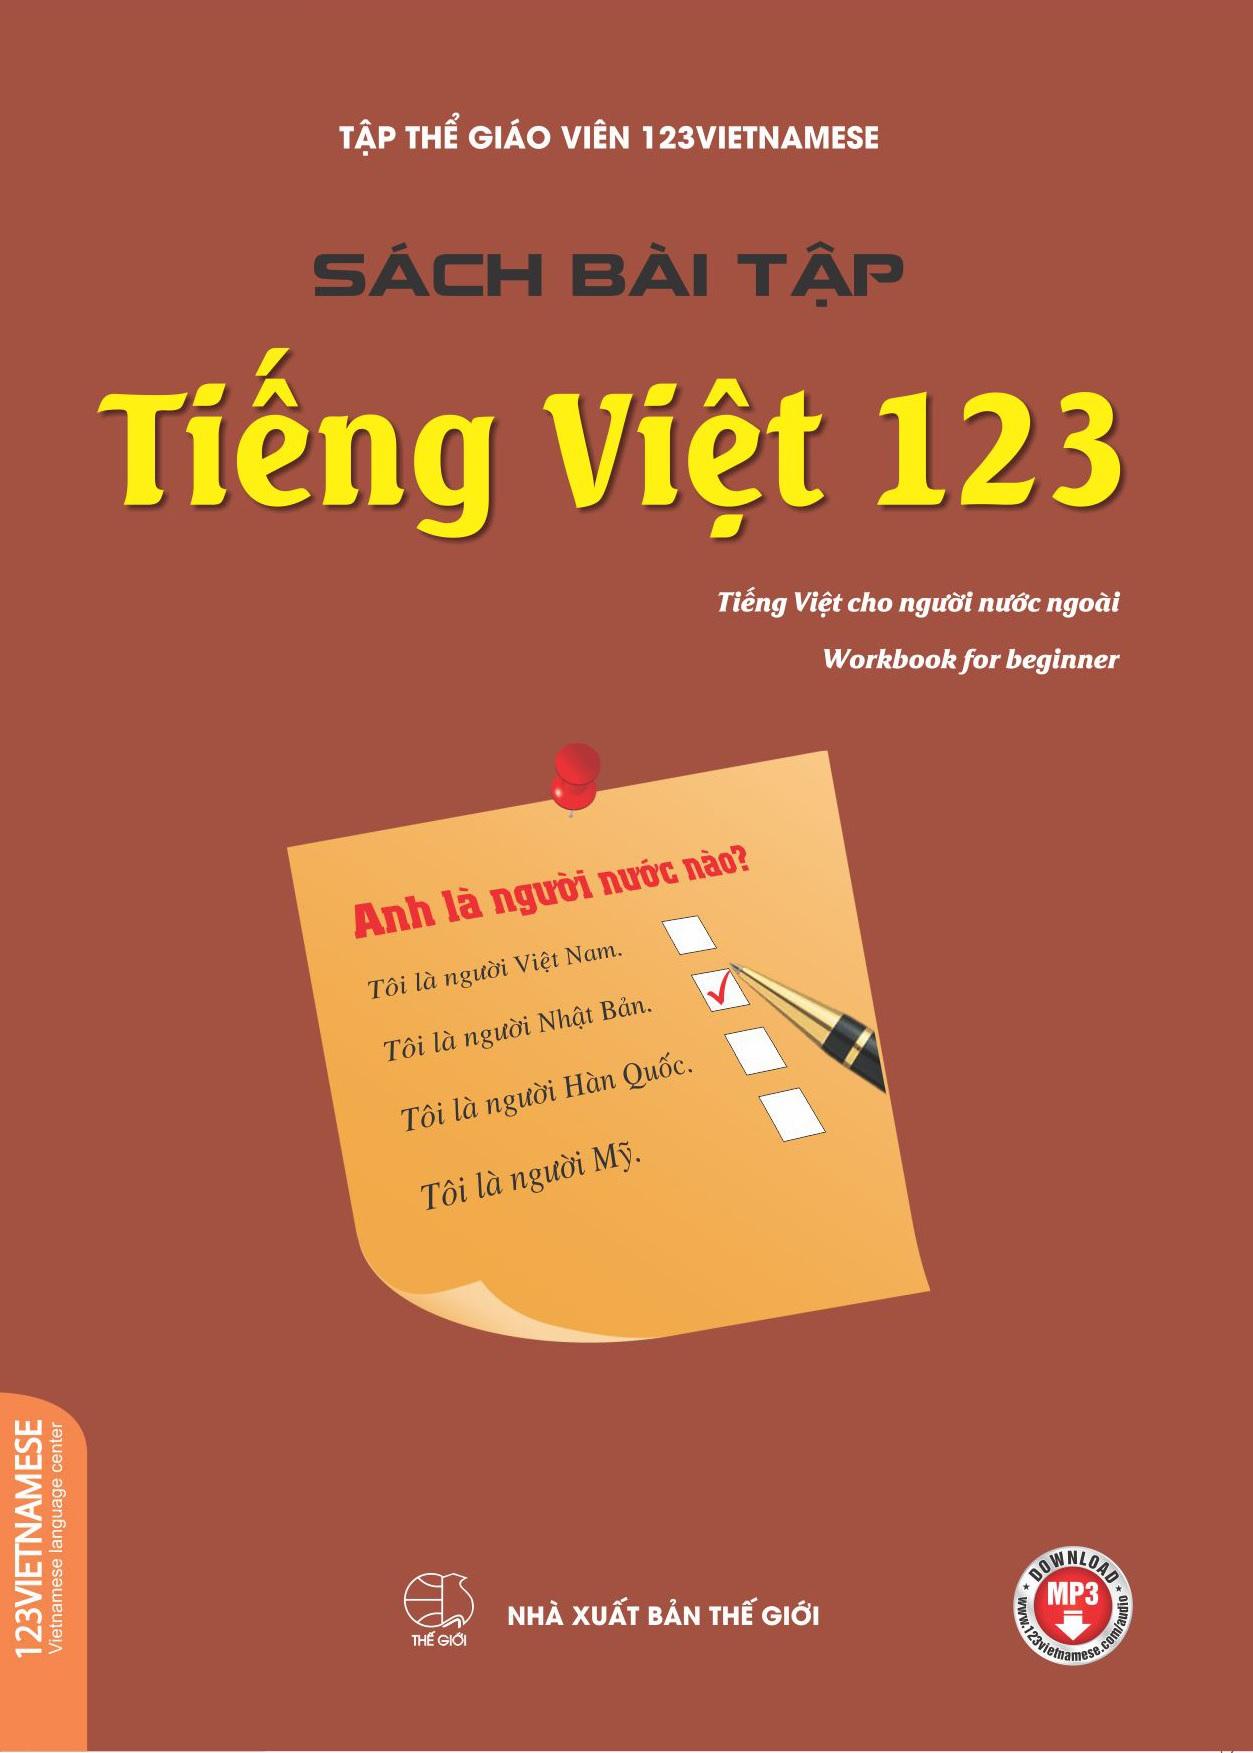 Bìa sách bài tập Tiếng Việt 123